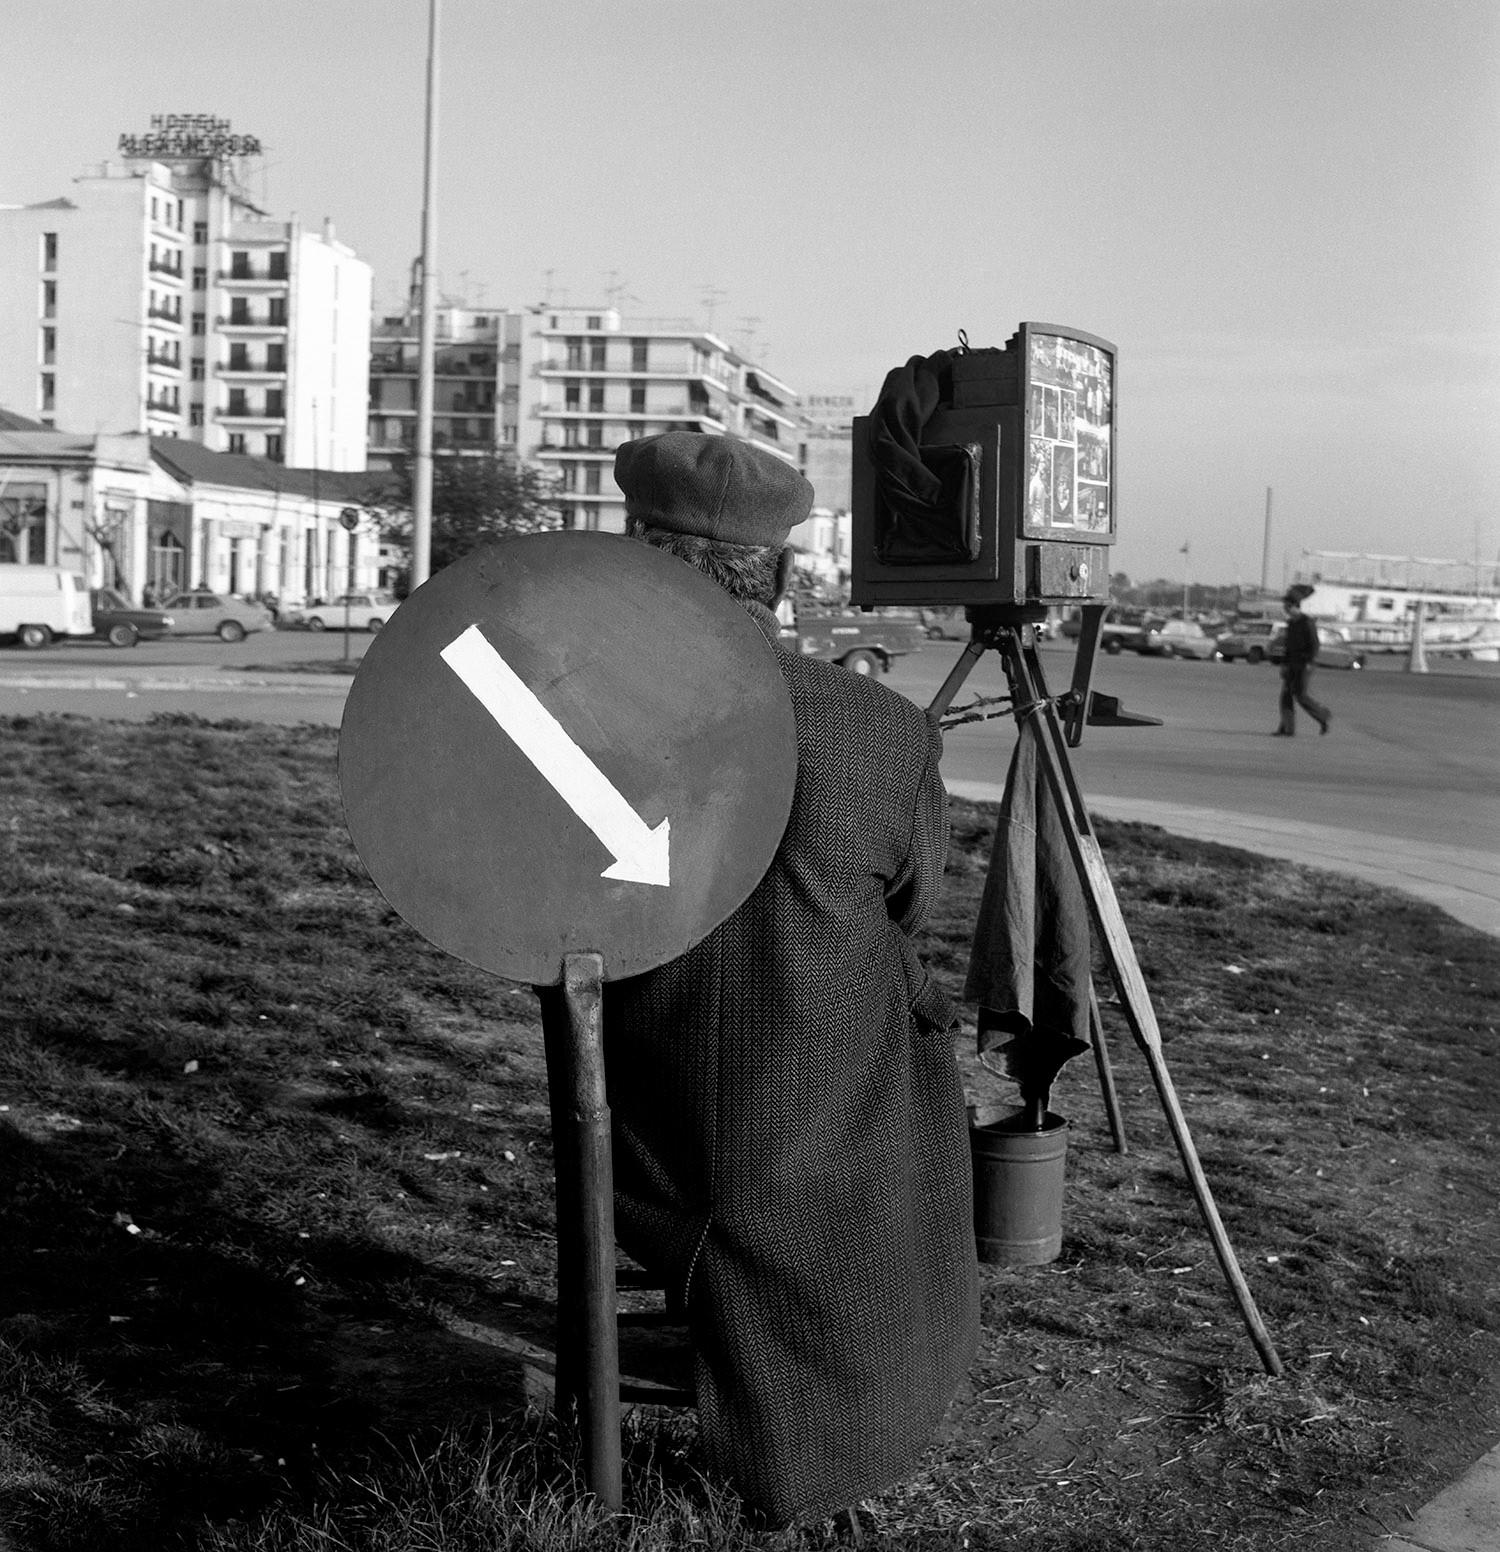 *Φωτογραφία: Πλανόδιος φωτογράφος στην παραλία μπροστά από την είσοδο του επιβατικού λιμανιού του Βόλου © Αρχείο Δημήτρη Λέτσιου / MOMus-Μουσείο Φωτογραφίας Θεσσαλονίκης